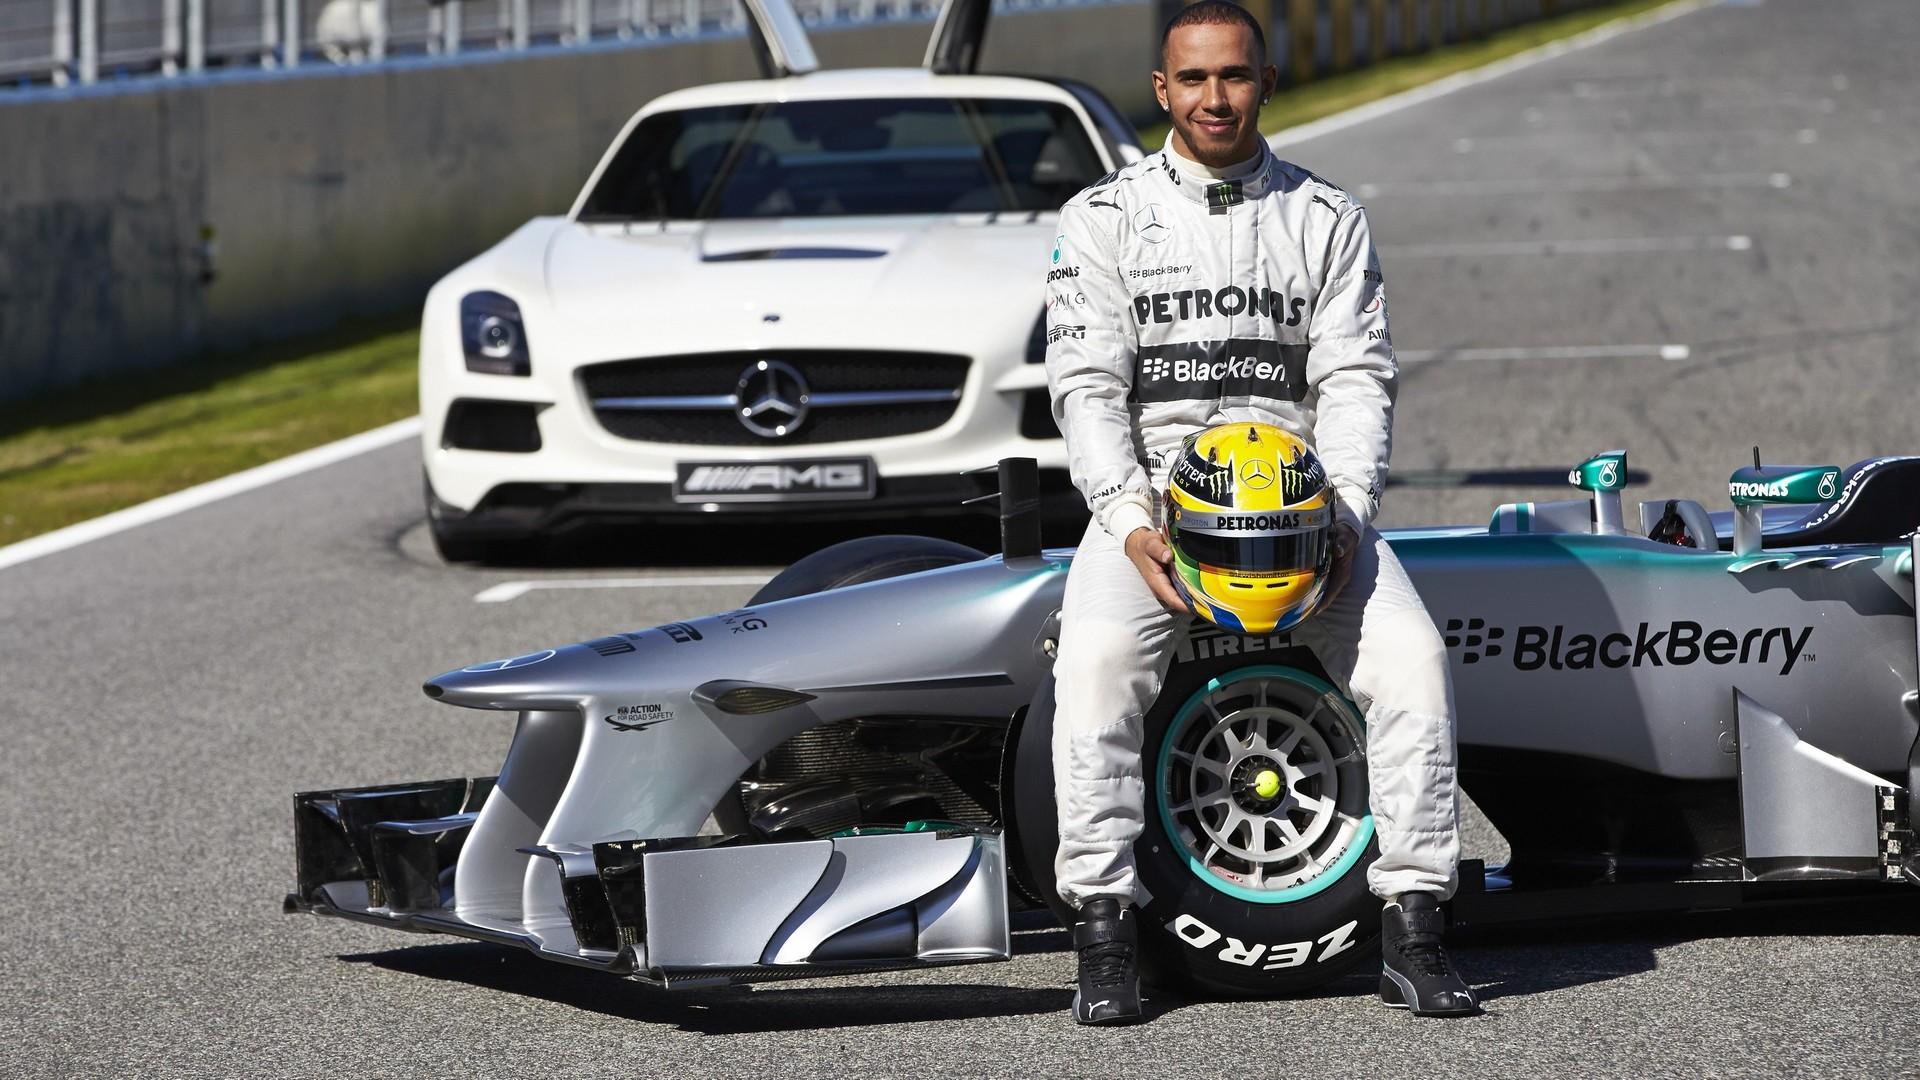 Mercedes W04 With Lewis Hamilton